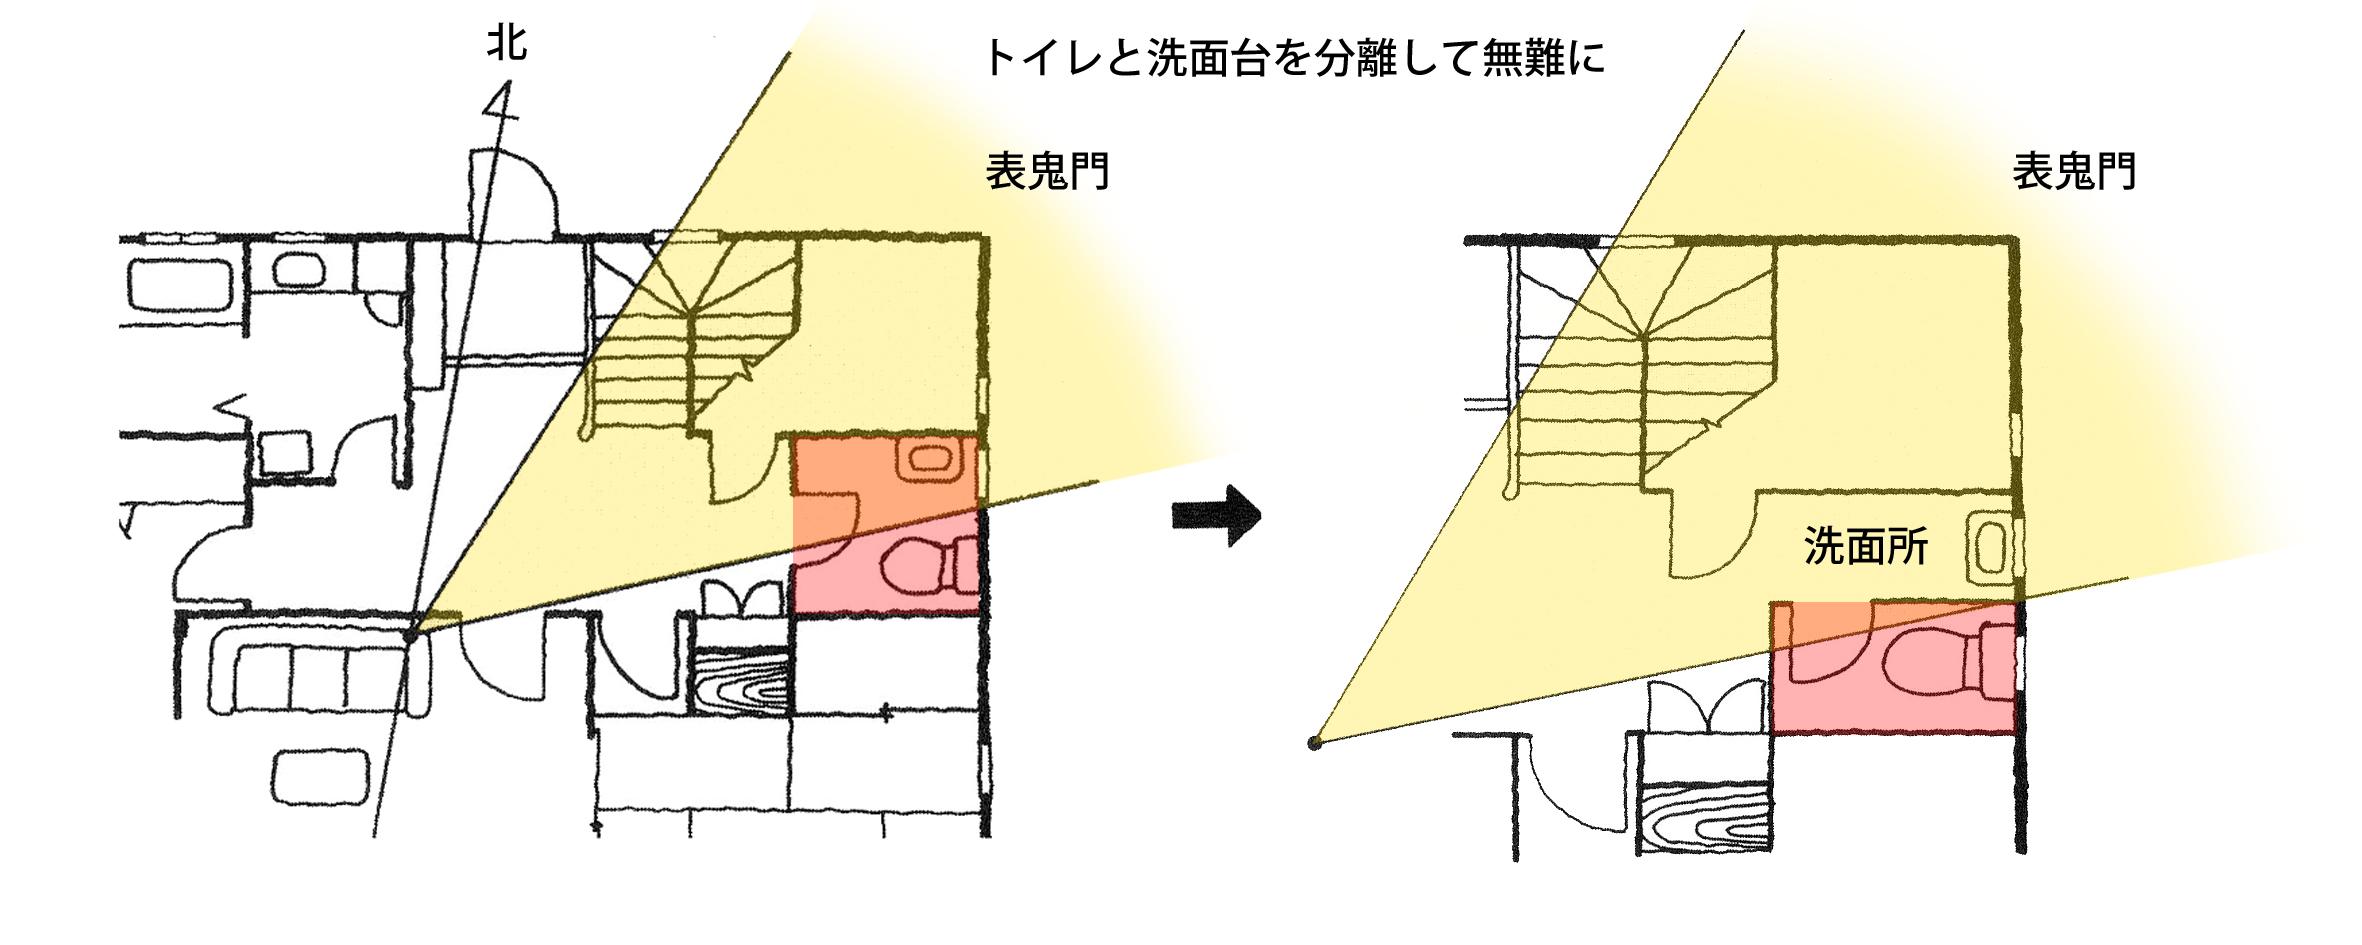 【家相リフォームのススメ―6】トイレ編③<br/>凶方位のトイレは洗面とトイレを分離して無難な家相に。